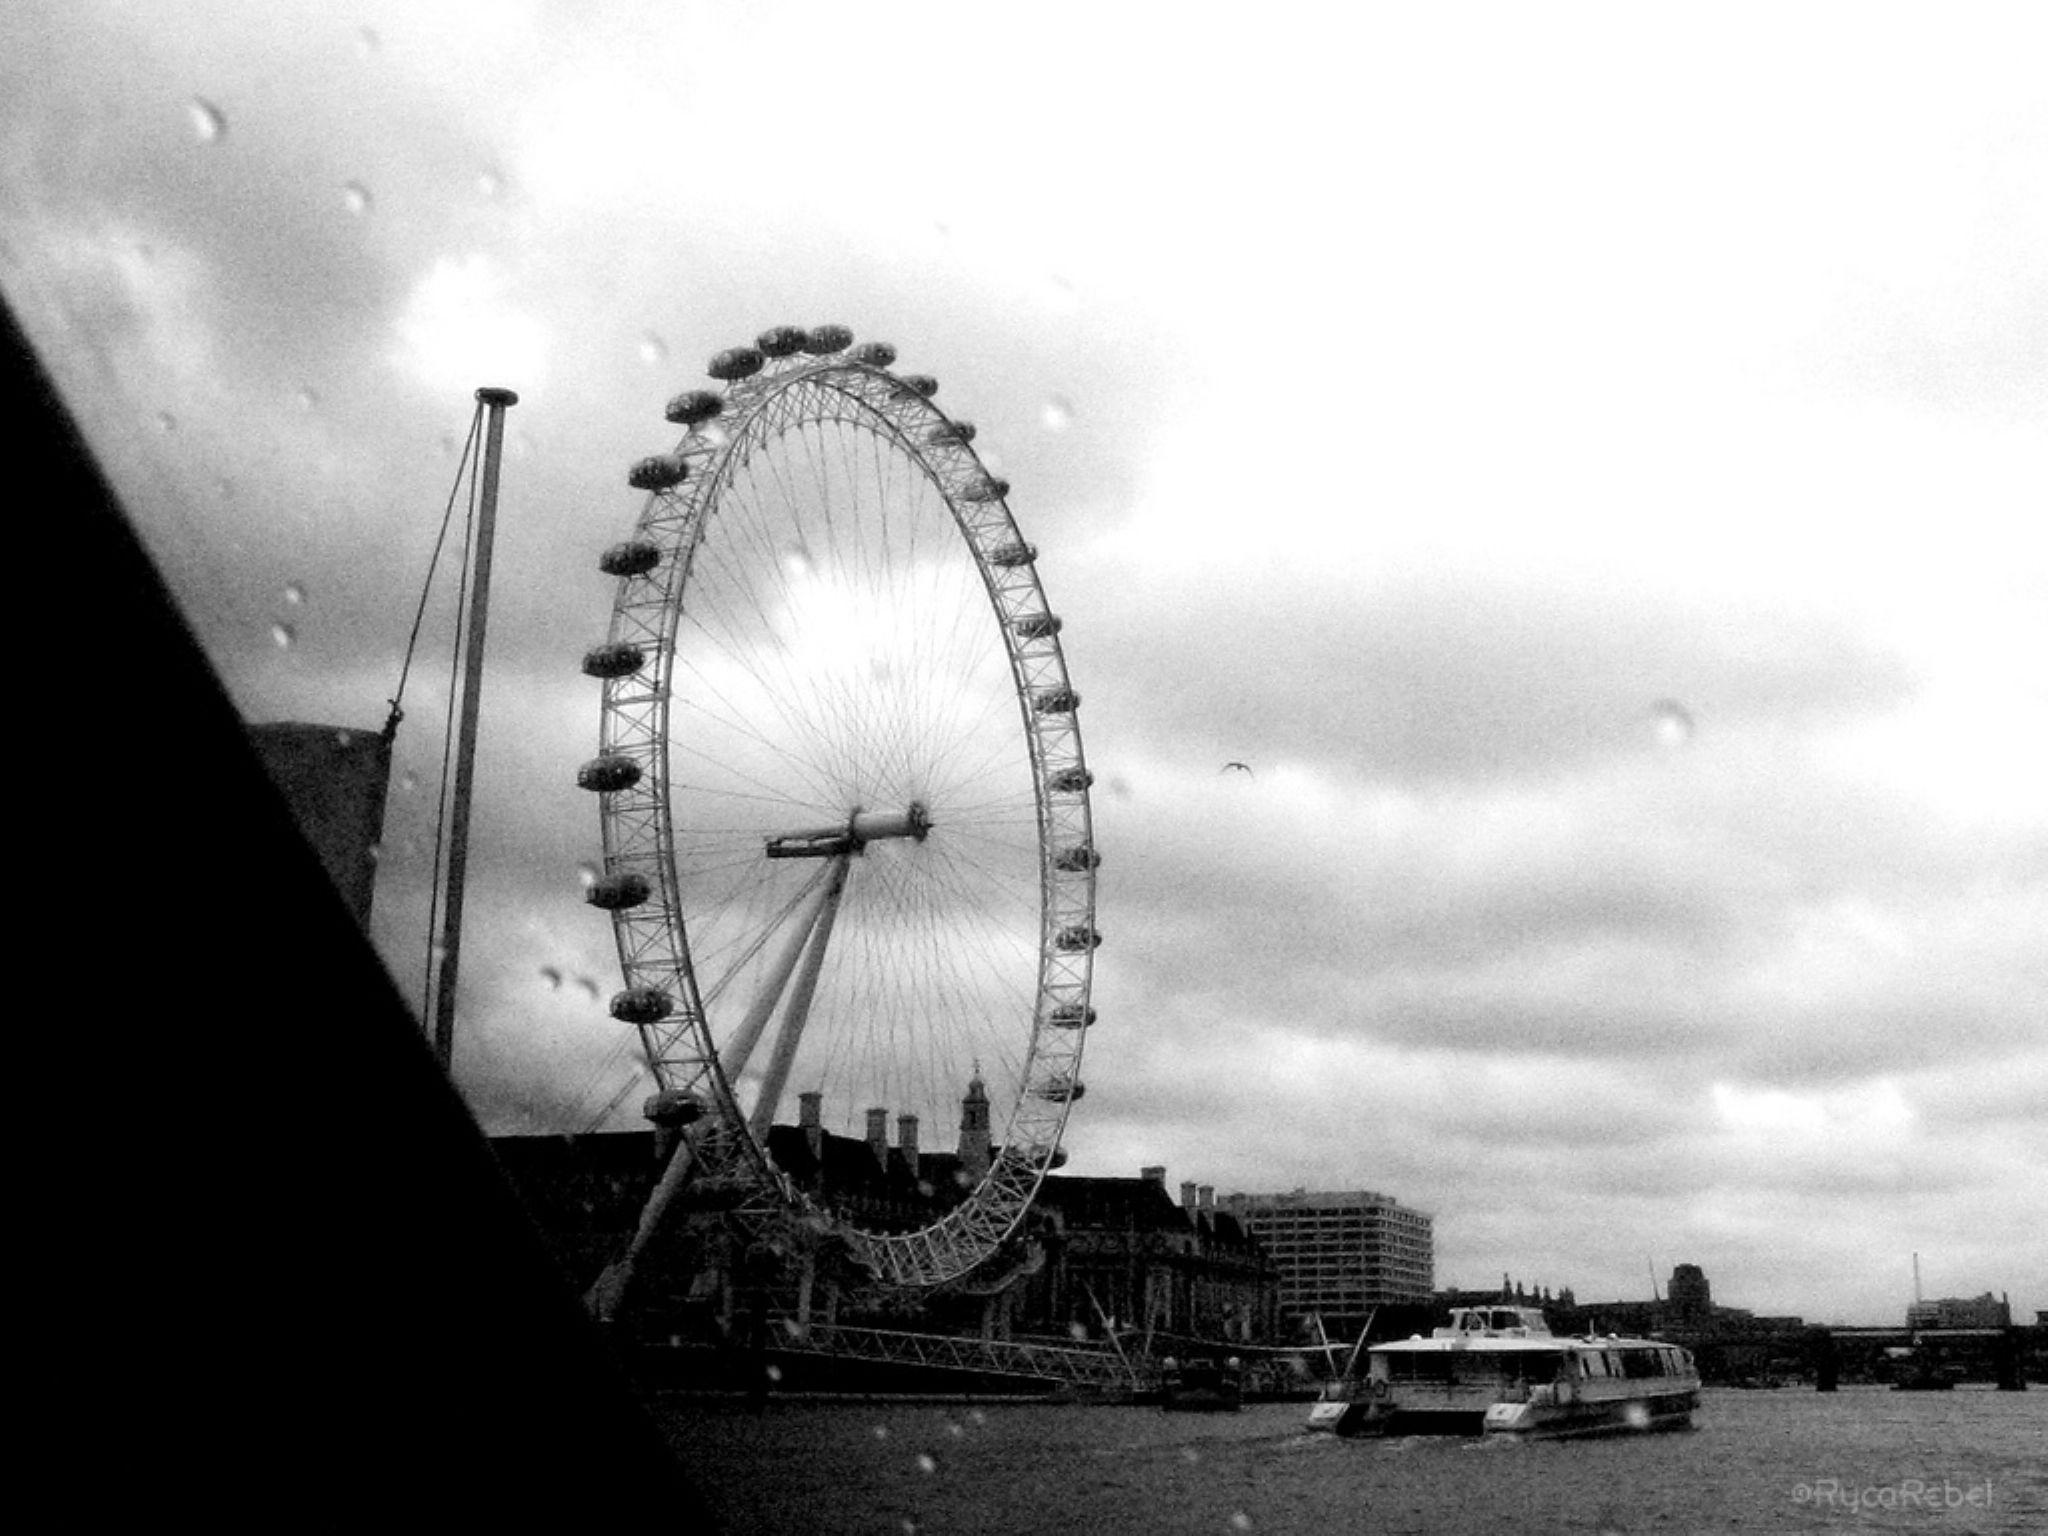 London Eye by FedeRyca